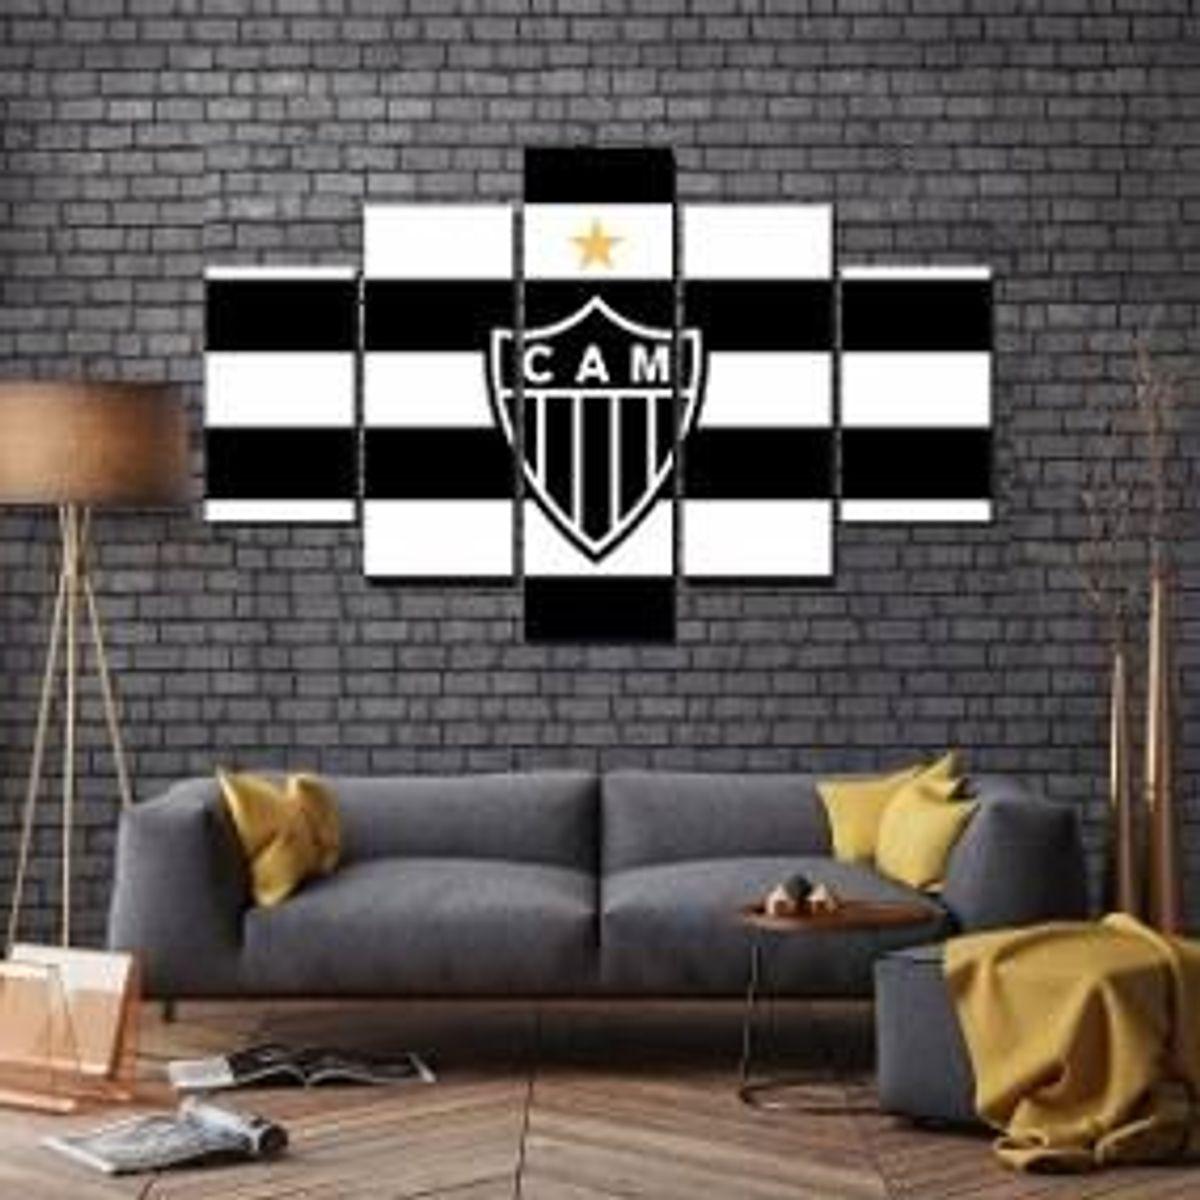 Quadro Decorativo Sala Quarto Atletico Mineiro Time Item De Decoracao Alam Vendas Online Nunca Usado 33734470 Enjoei